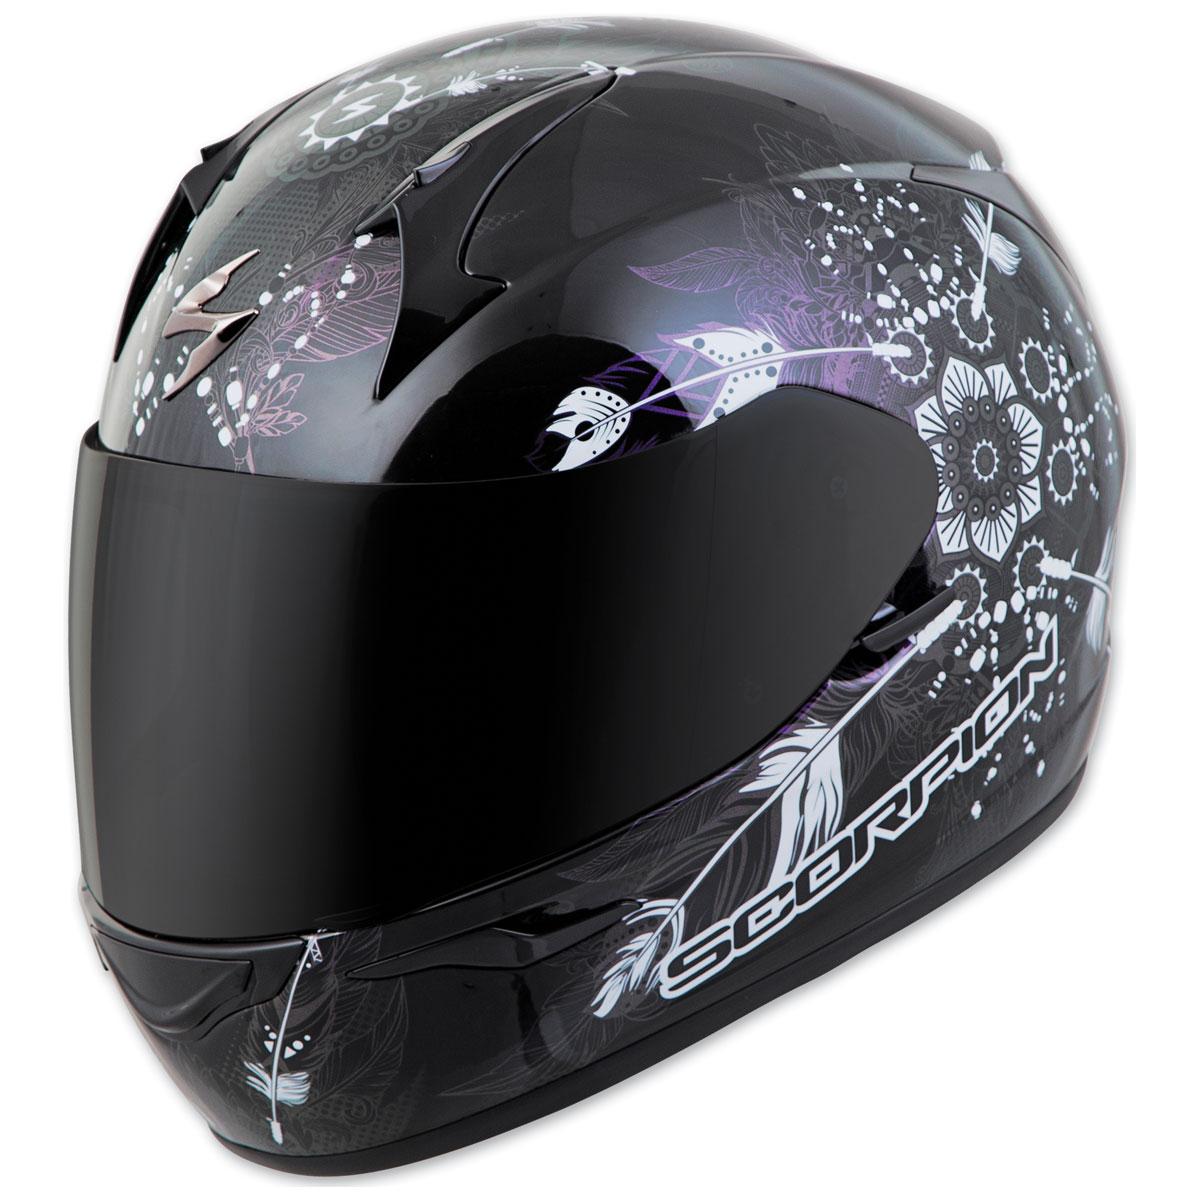 Scorpion EXO EXO-R320 Dream Black Full Face Helmet